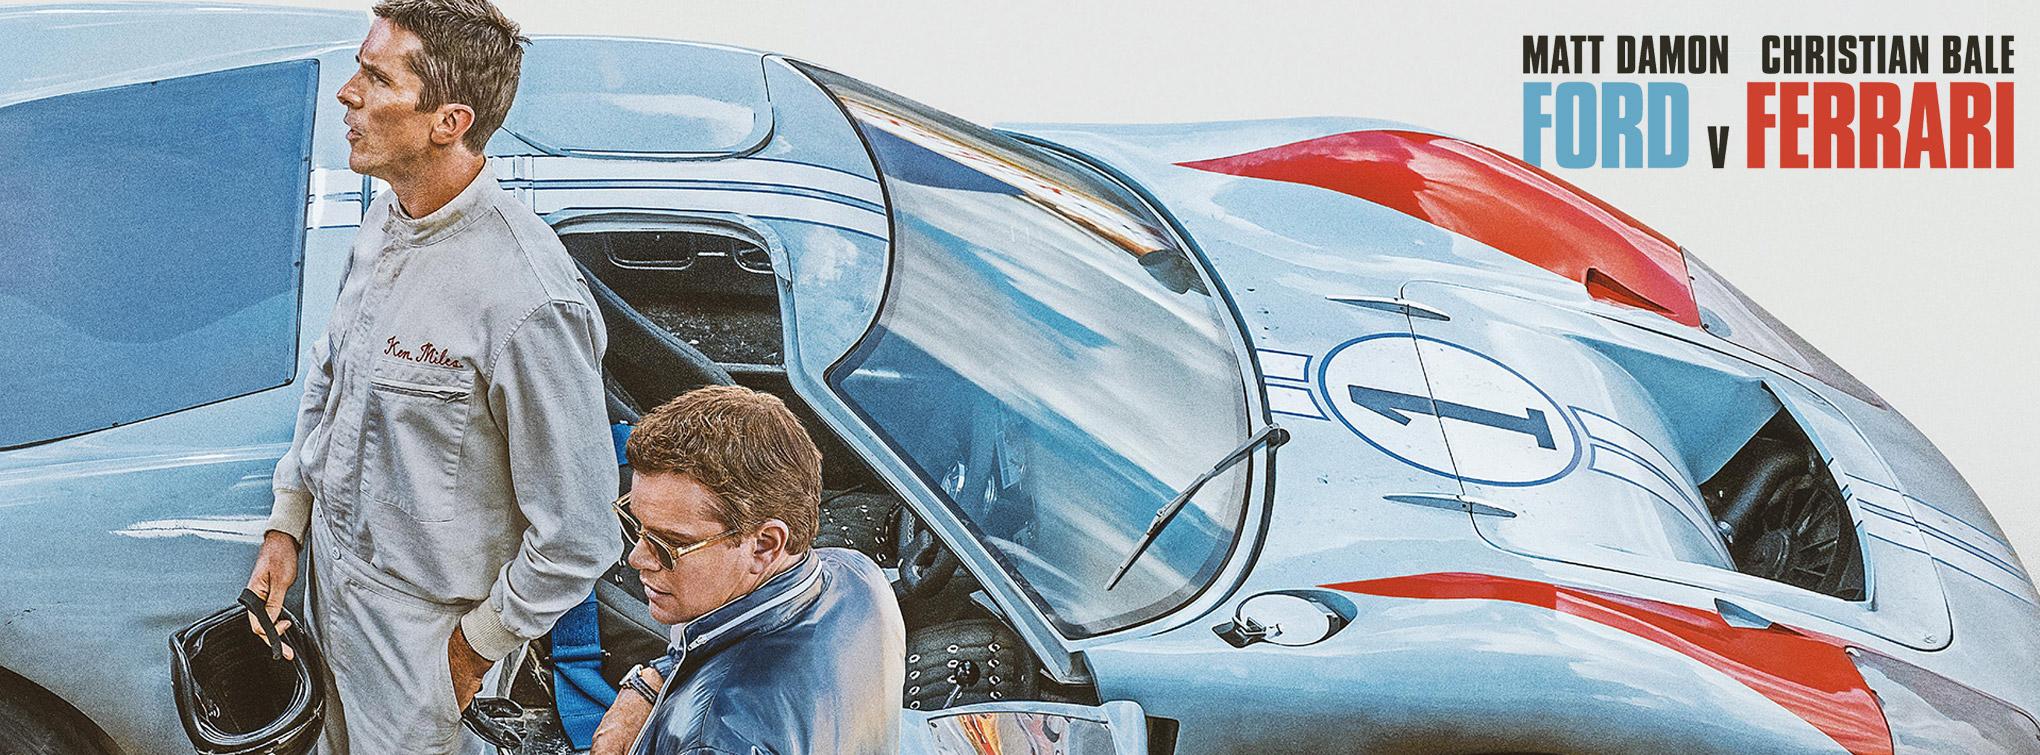 Slider image for Ford v Ferrari